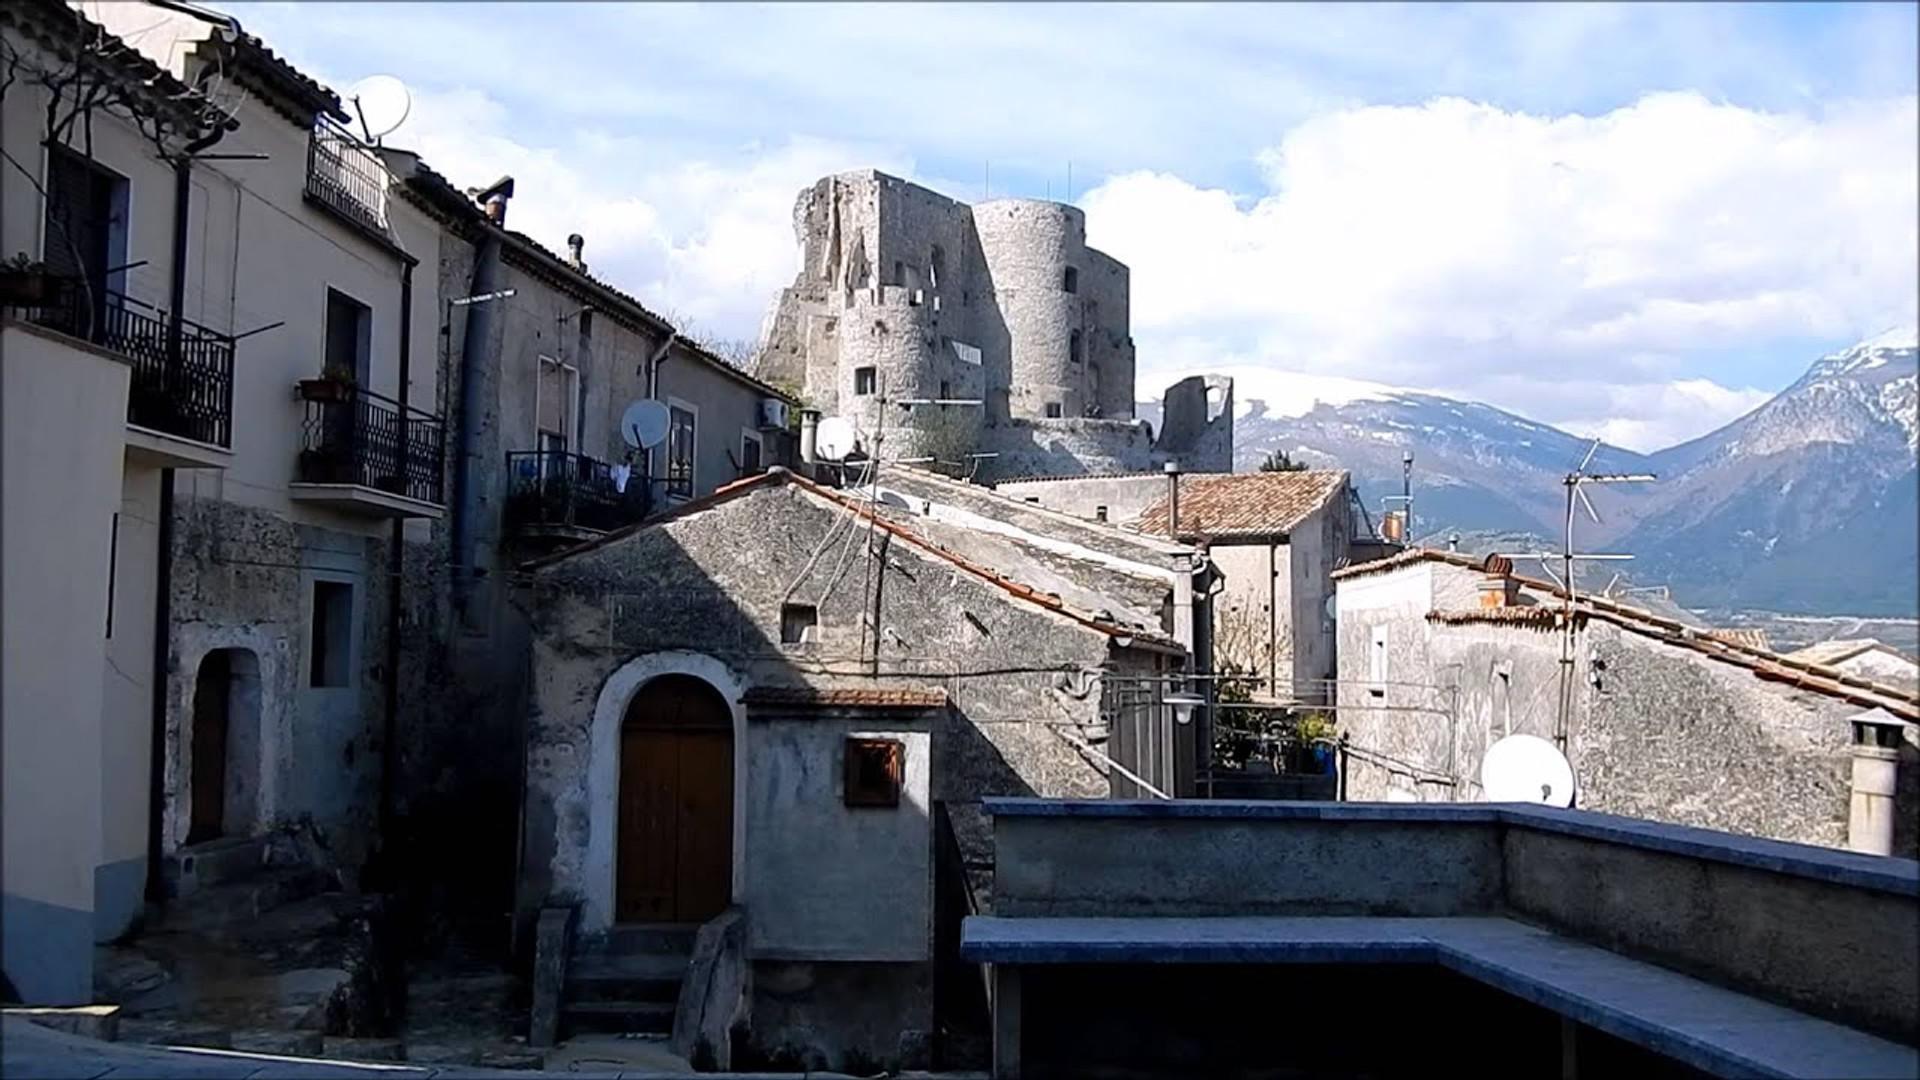 Morano calabro uno dei borghi più belli d'Italia